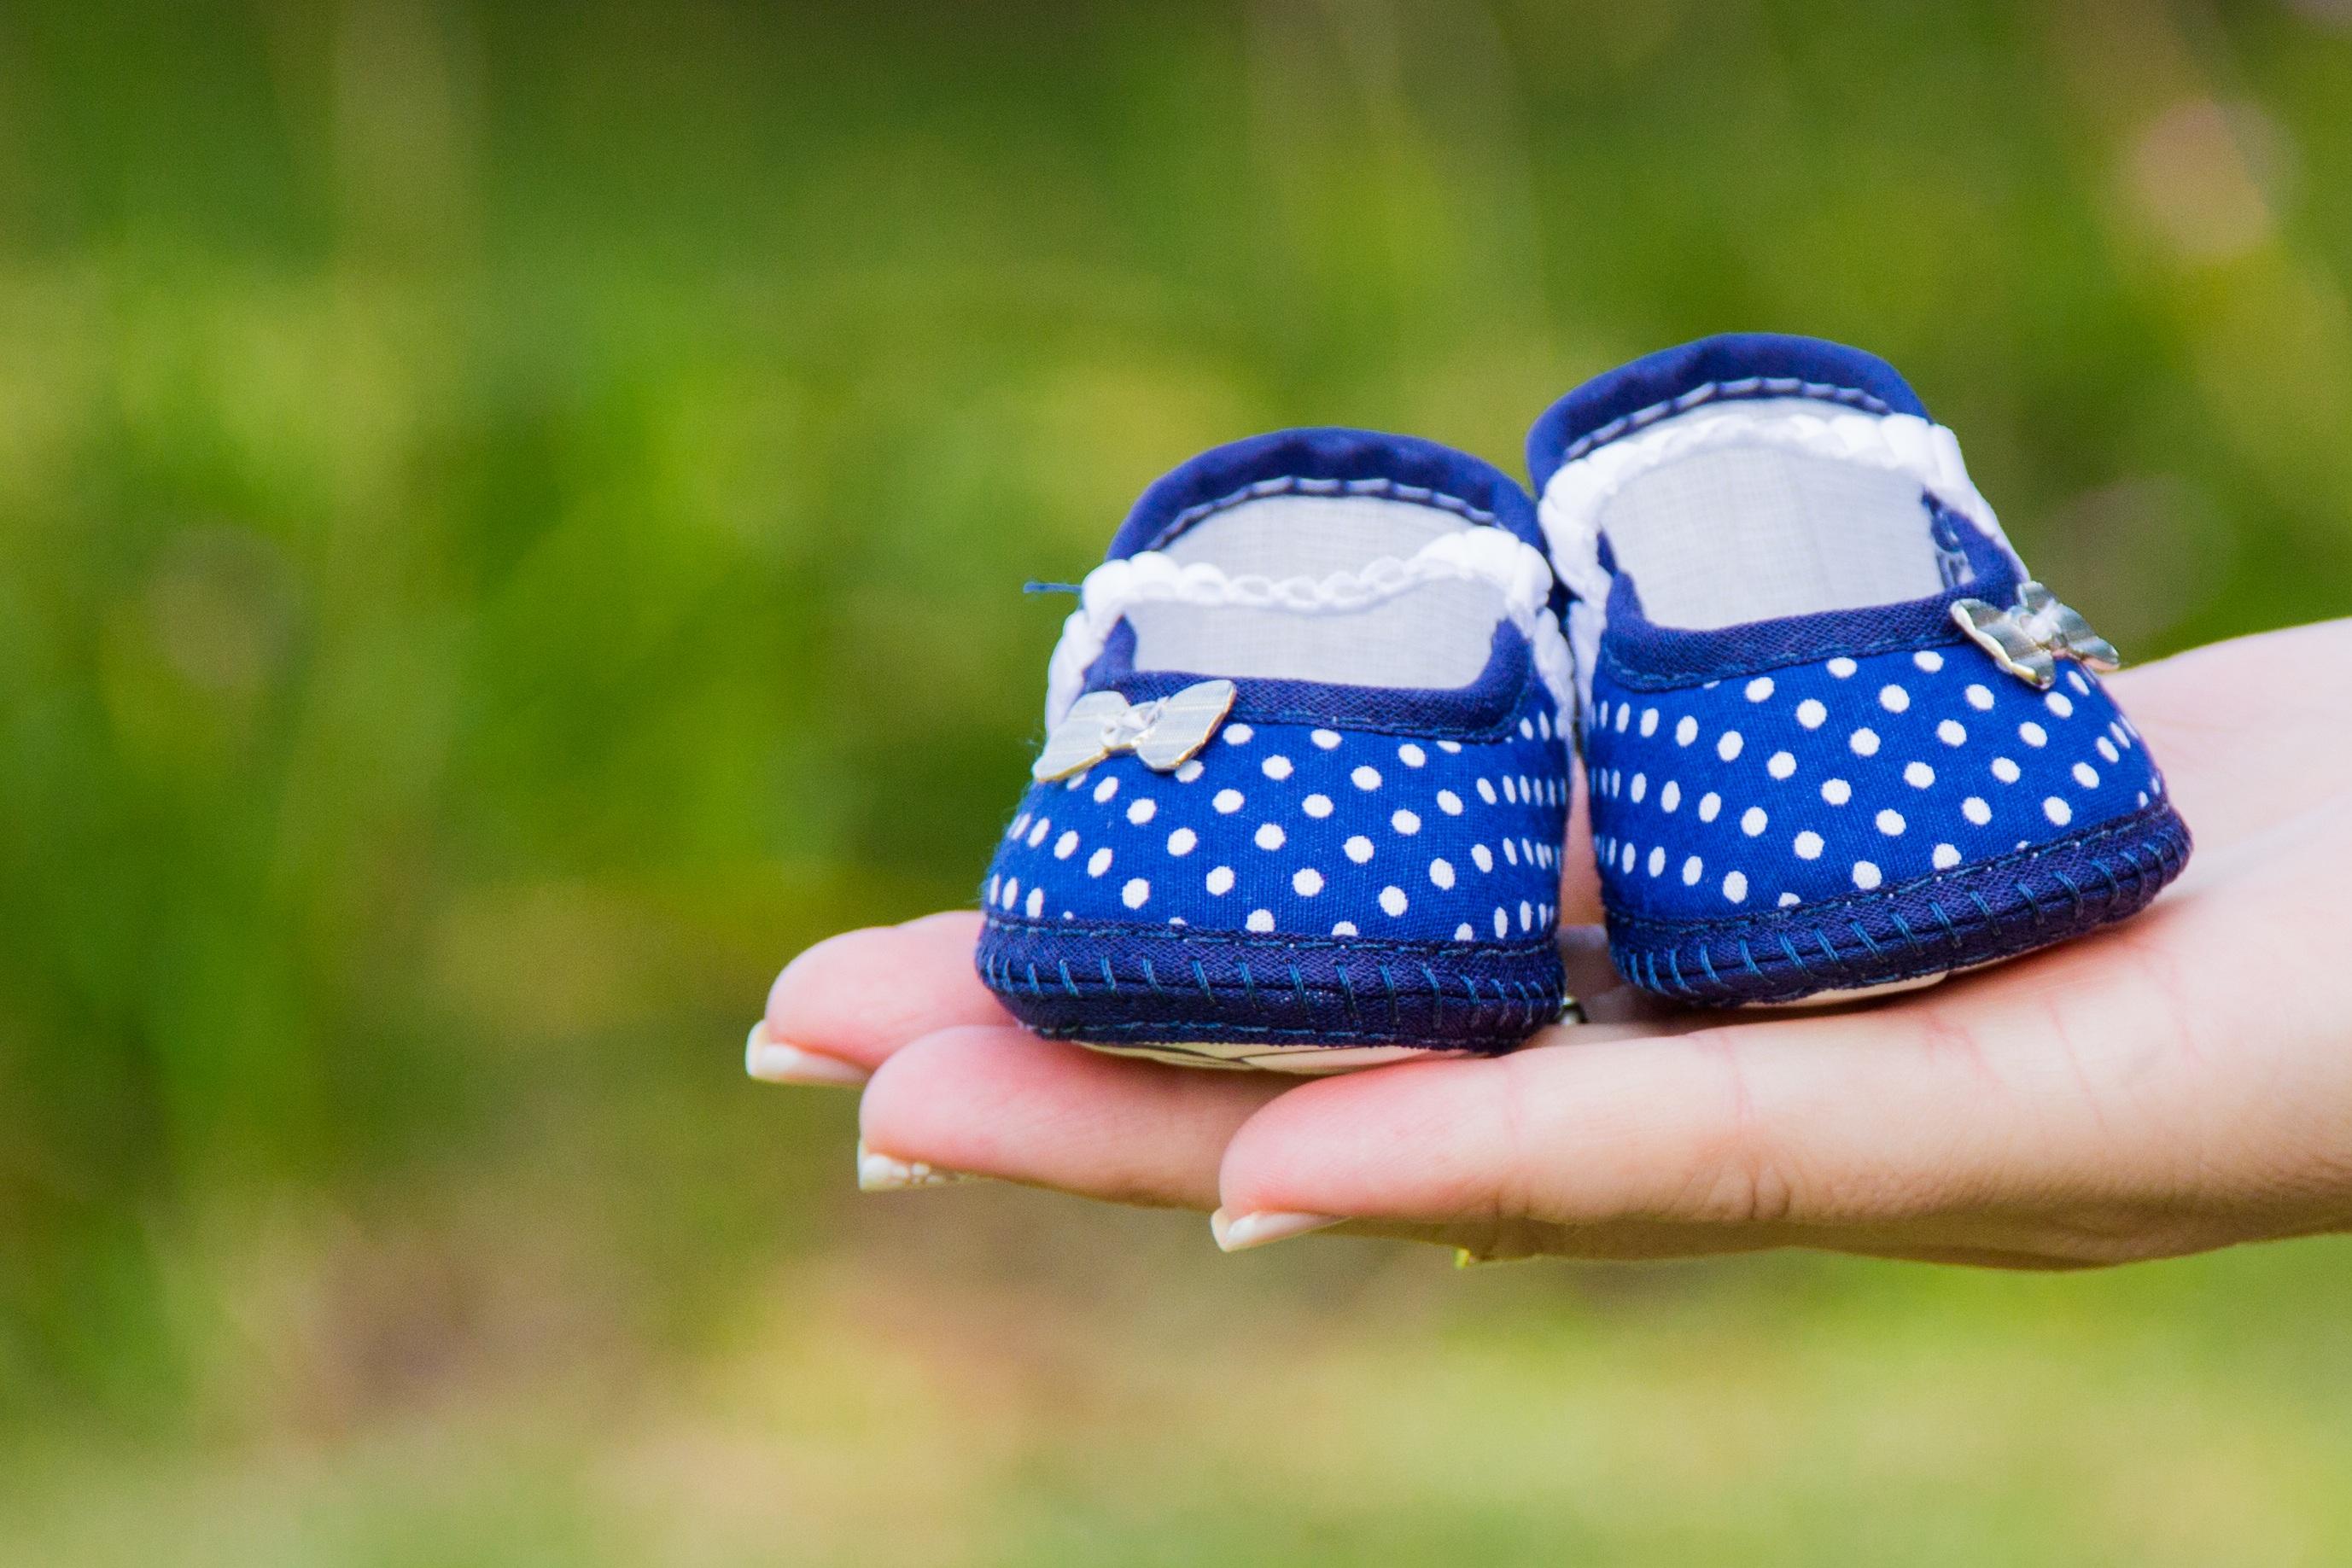 Fotos gratis : mano, césped, zapato, patrón, verde, azul, bebé ...